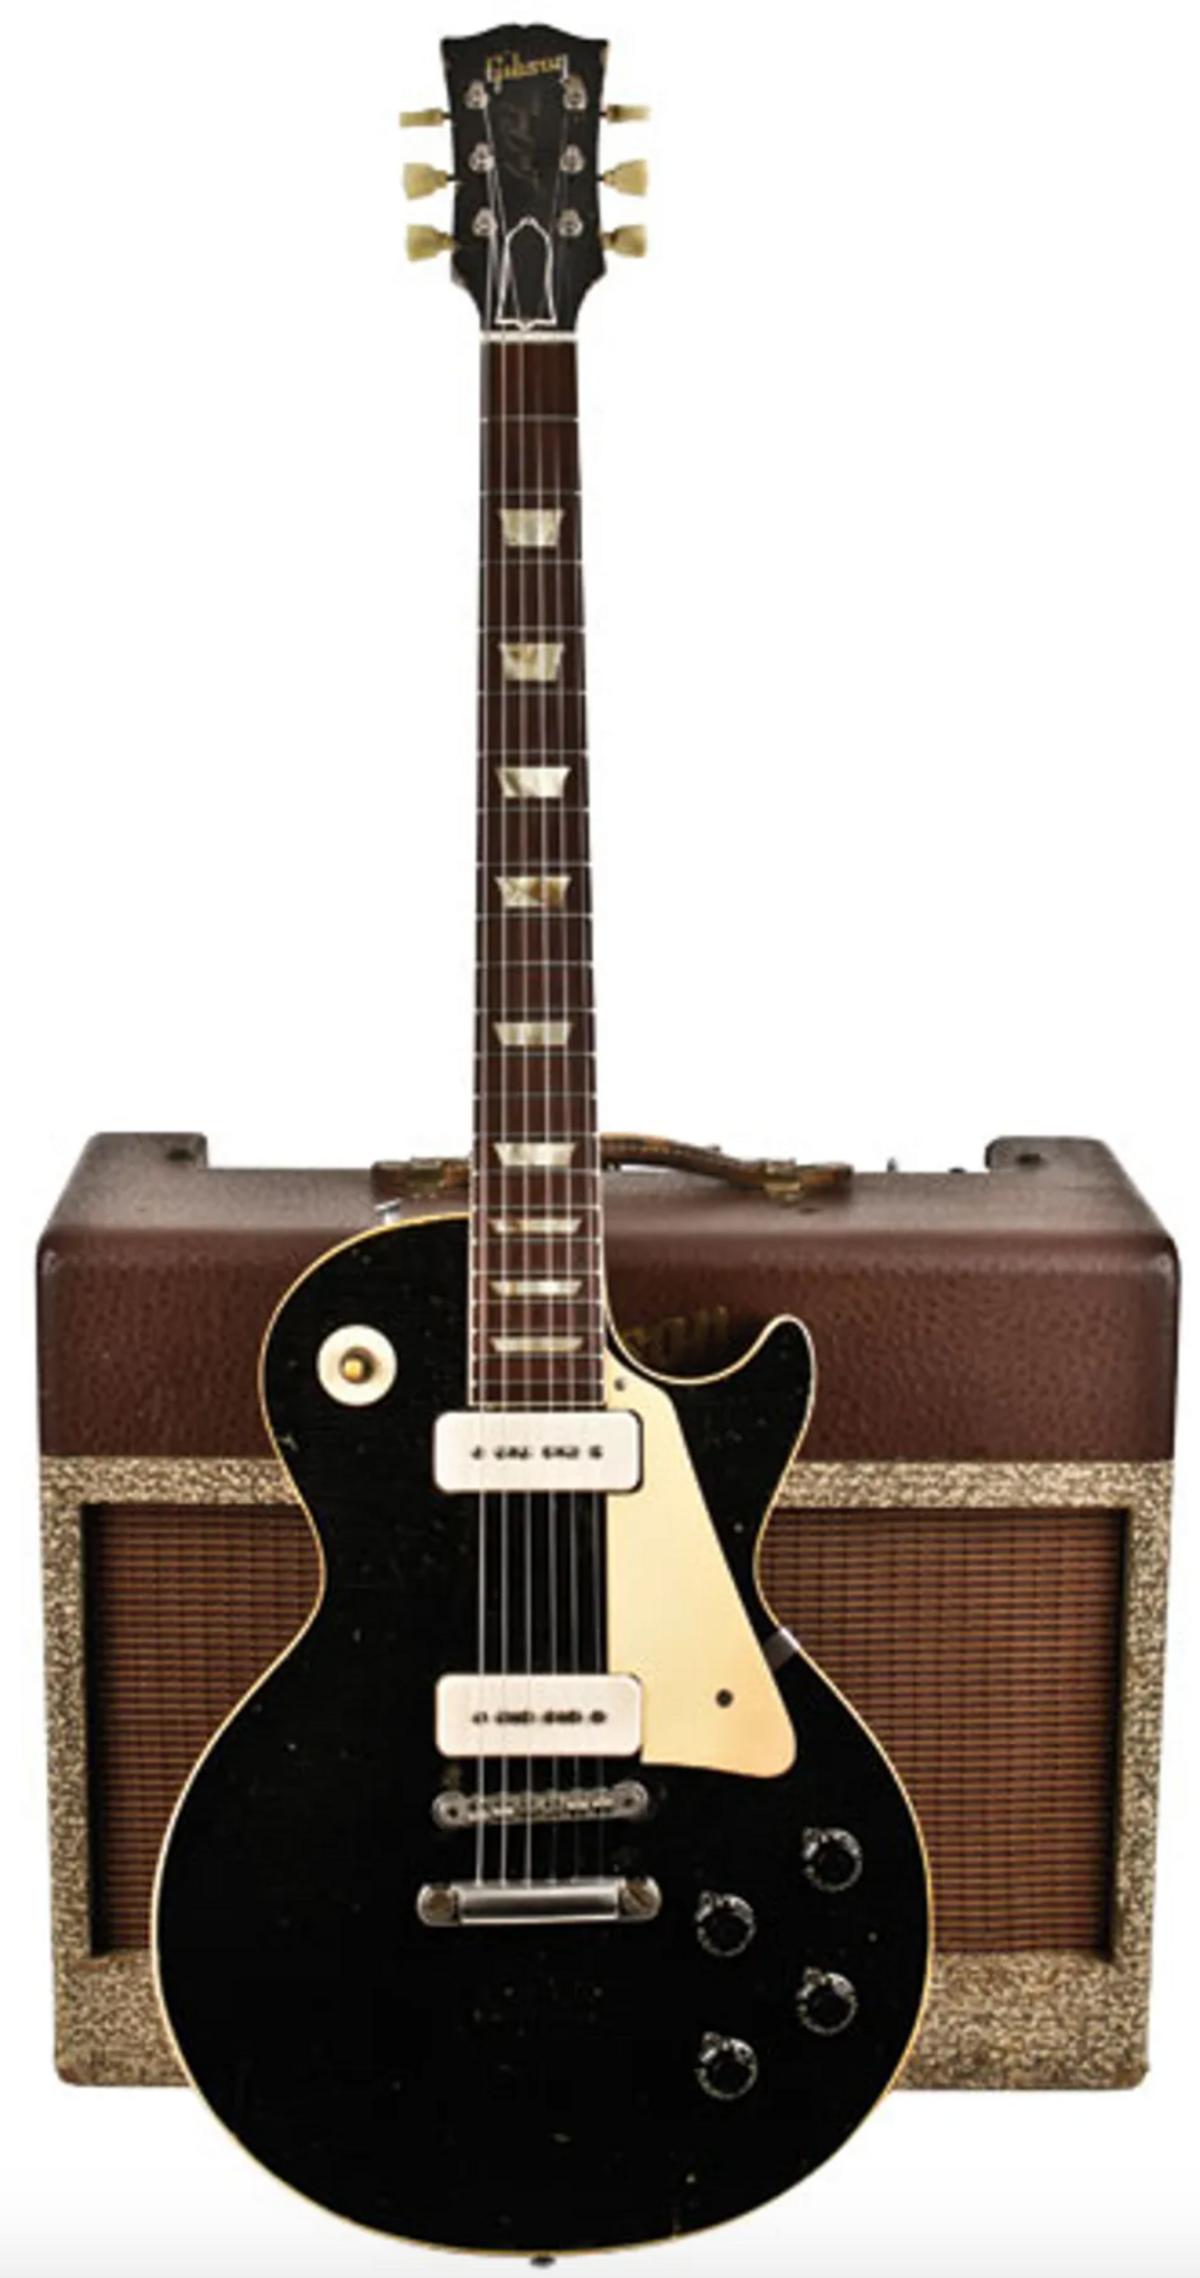 Vintage Vault: 1956 Gibson Les Paul Model